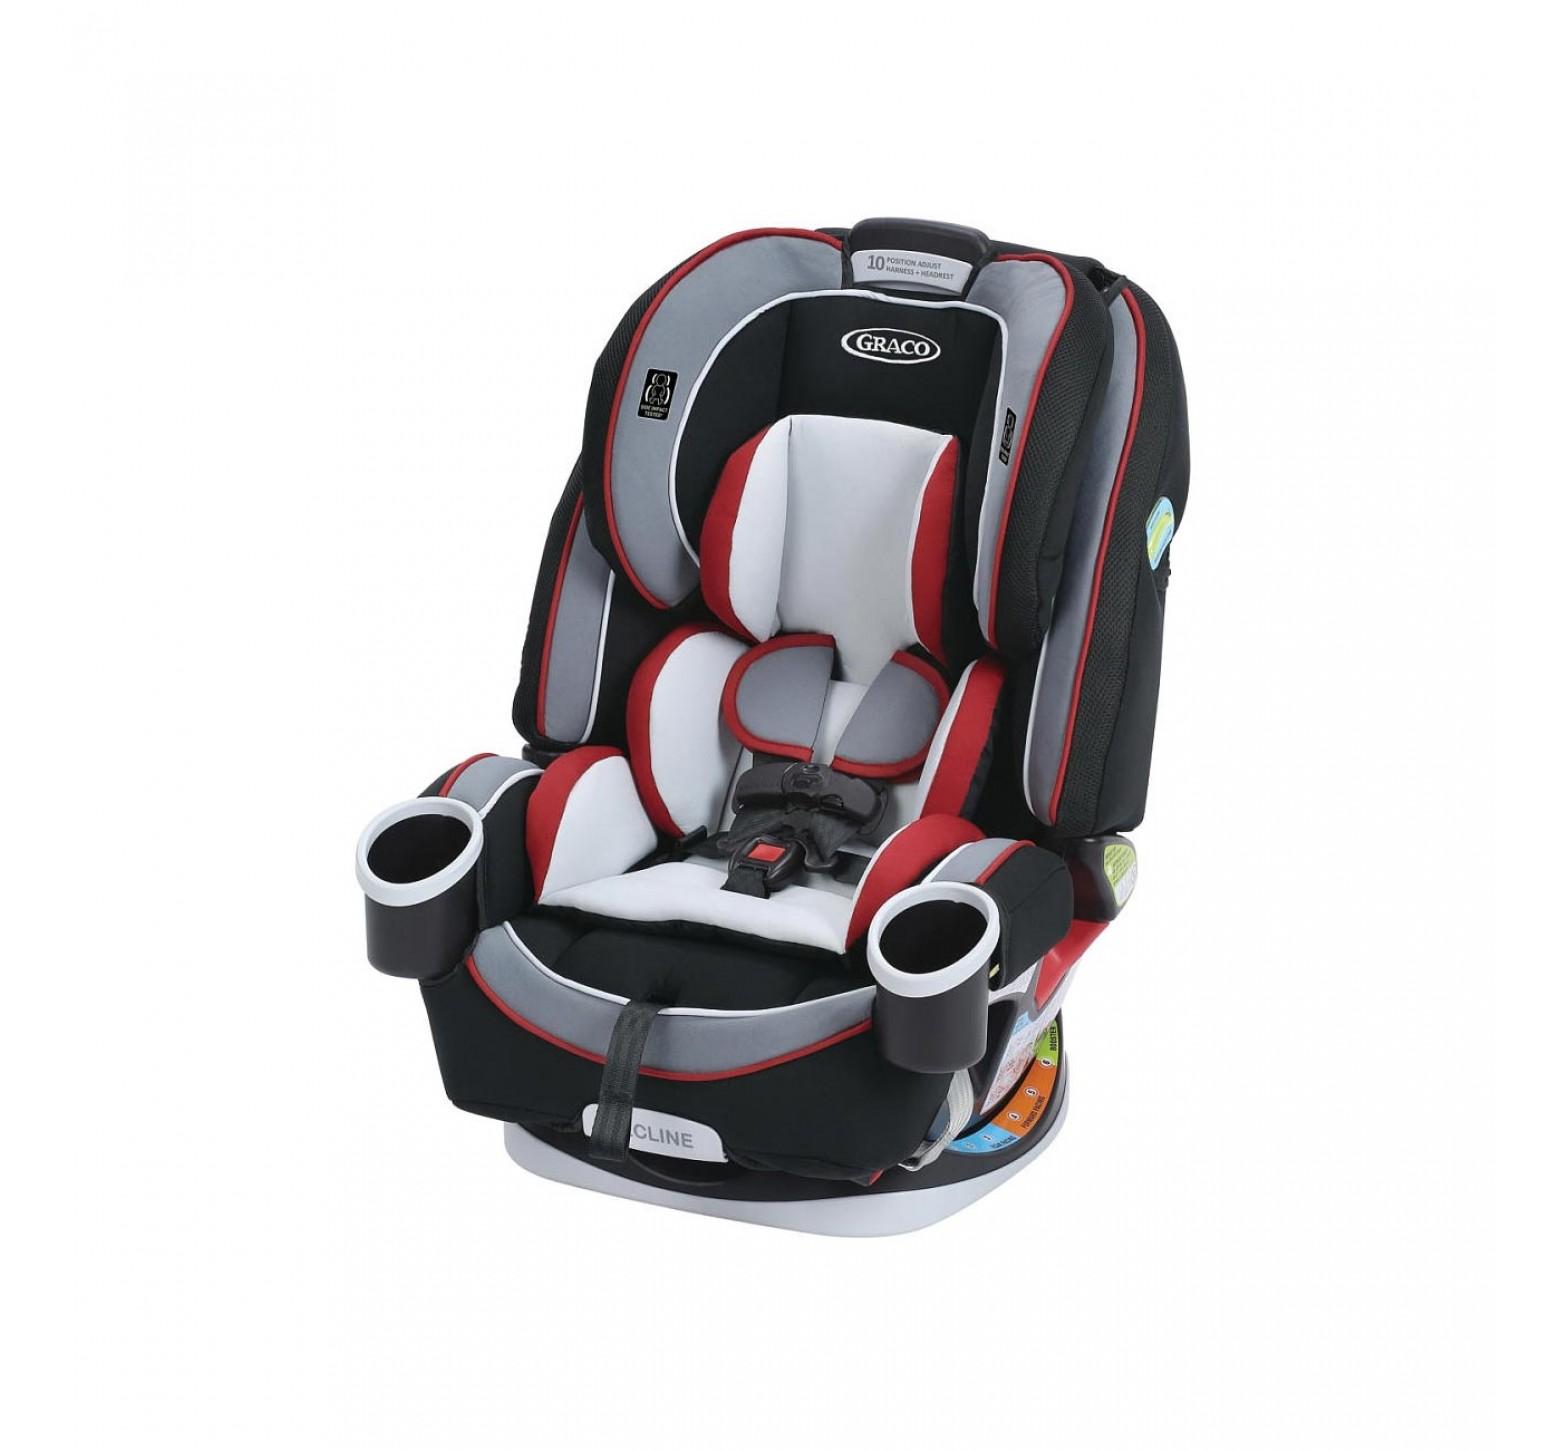 Beb Graco Silla para auto 4Ever Cougar tienda online Asunci n